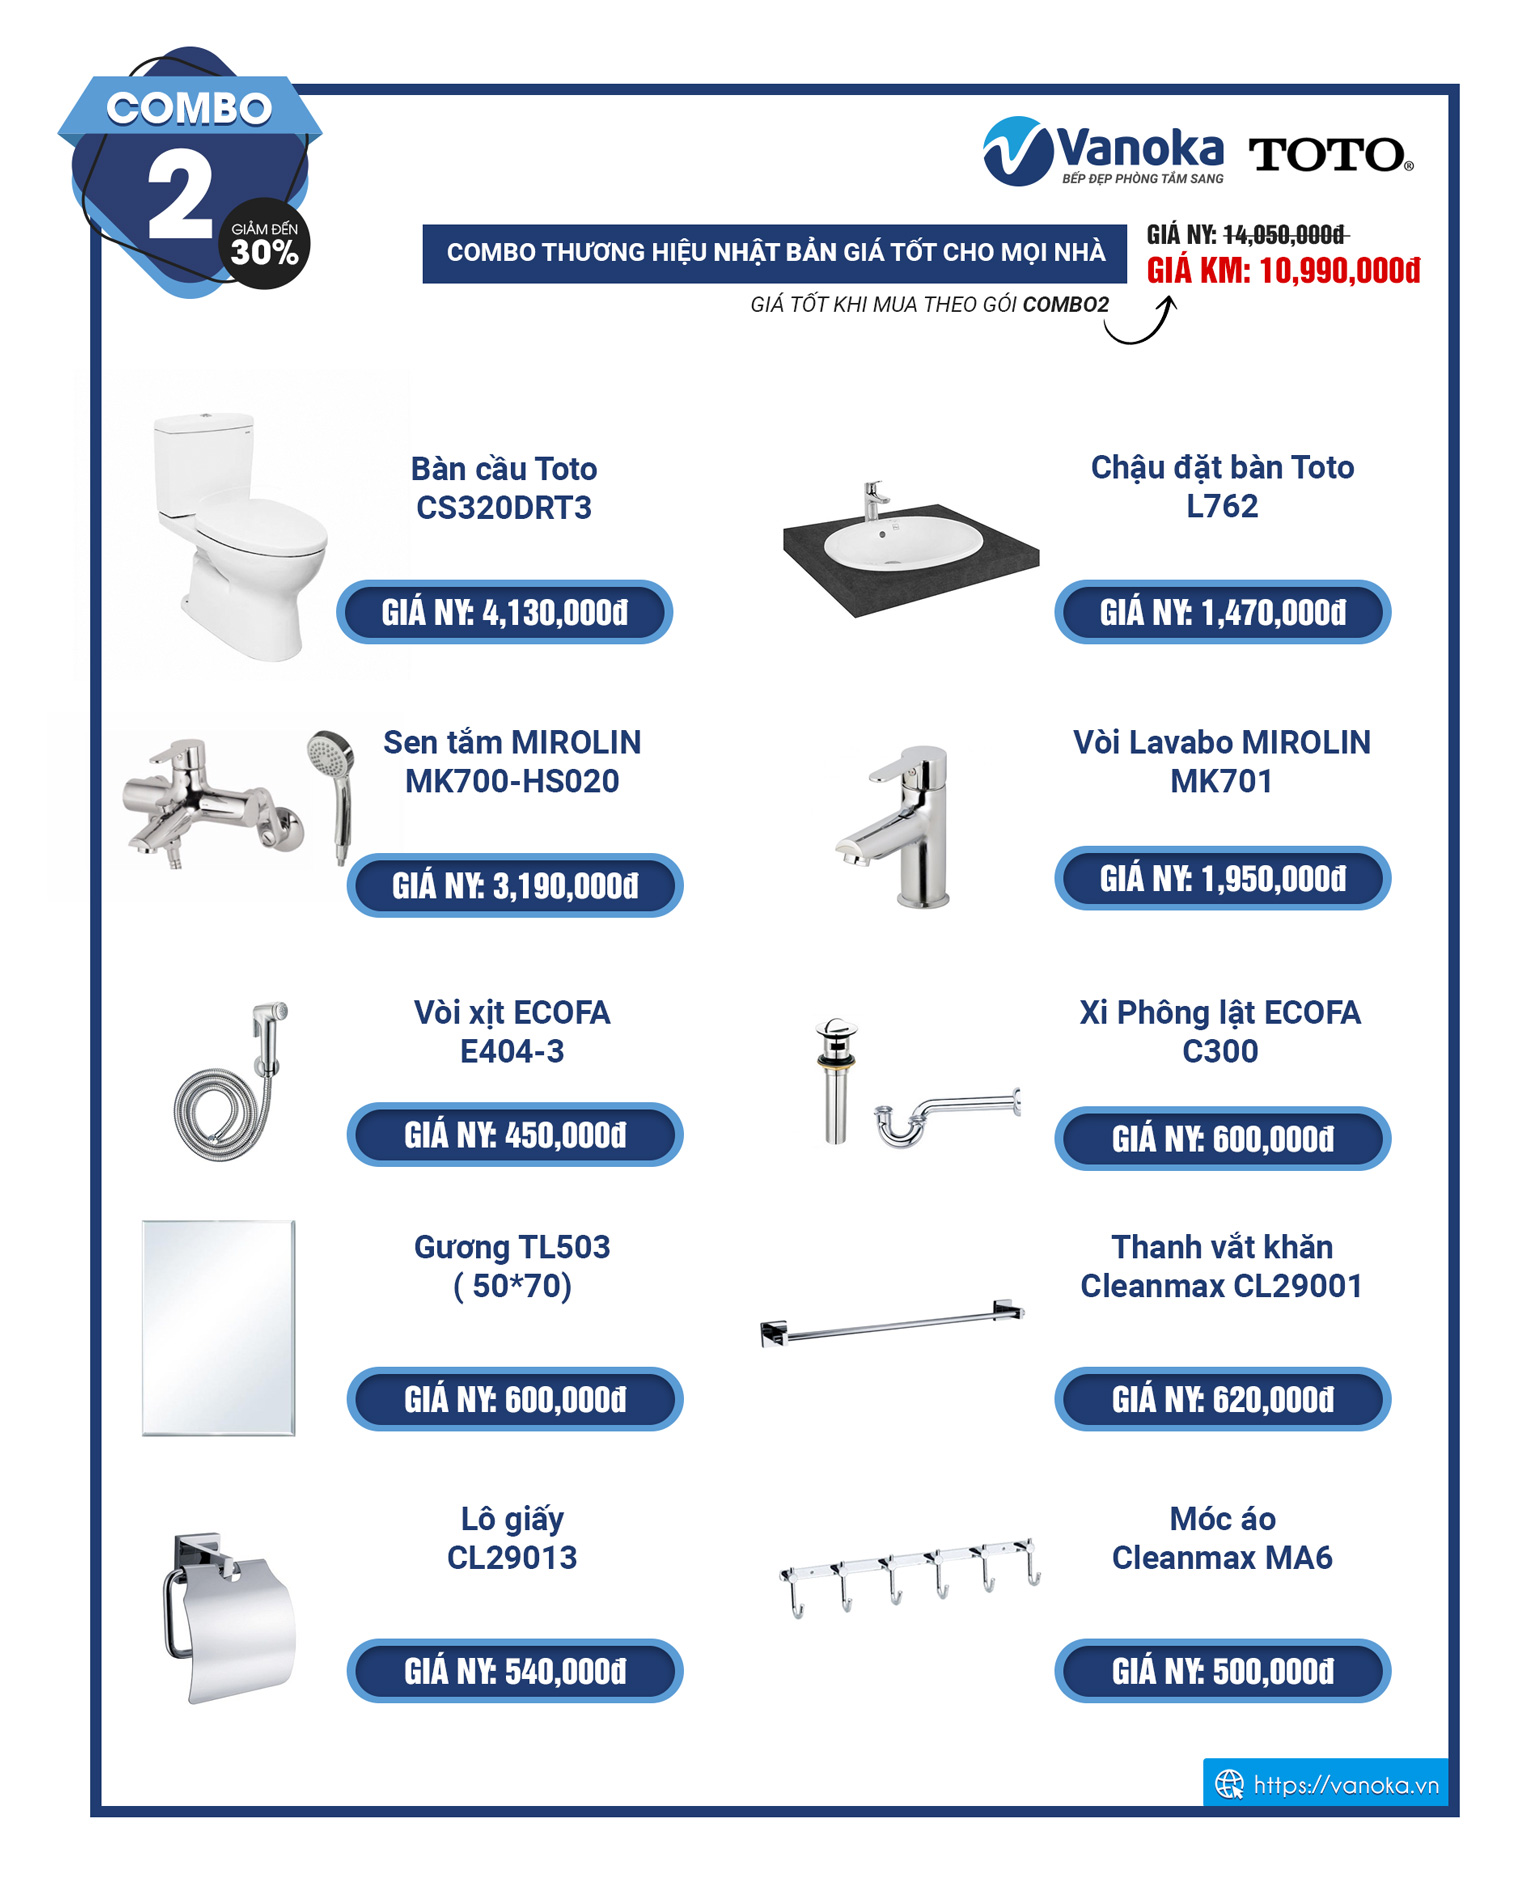 Combo 2 - khuyến mại thiết bị phòng tắm TOTO 2020